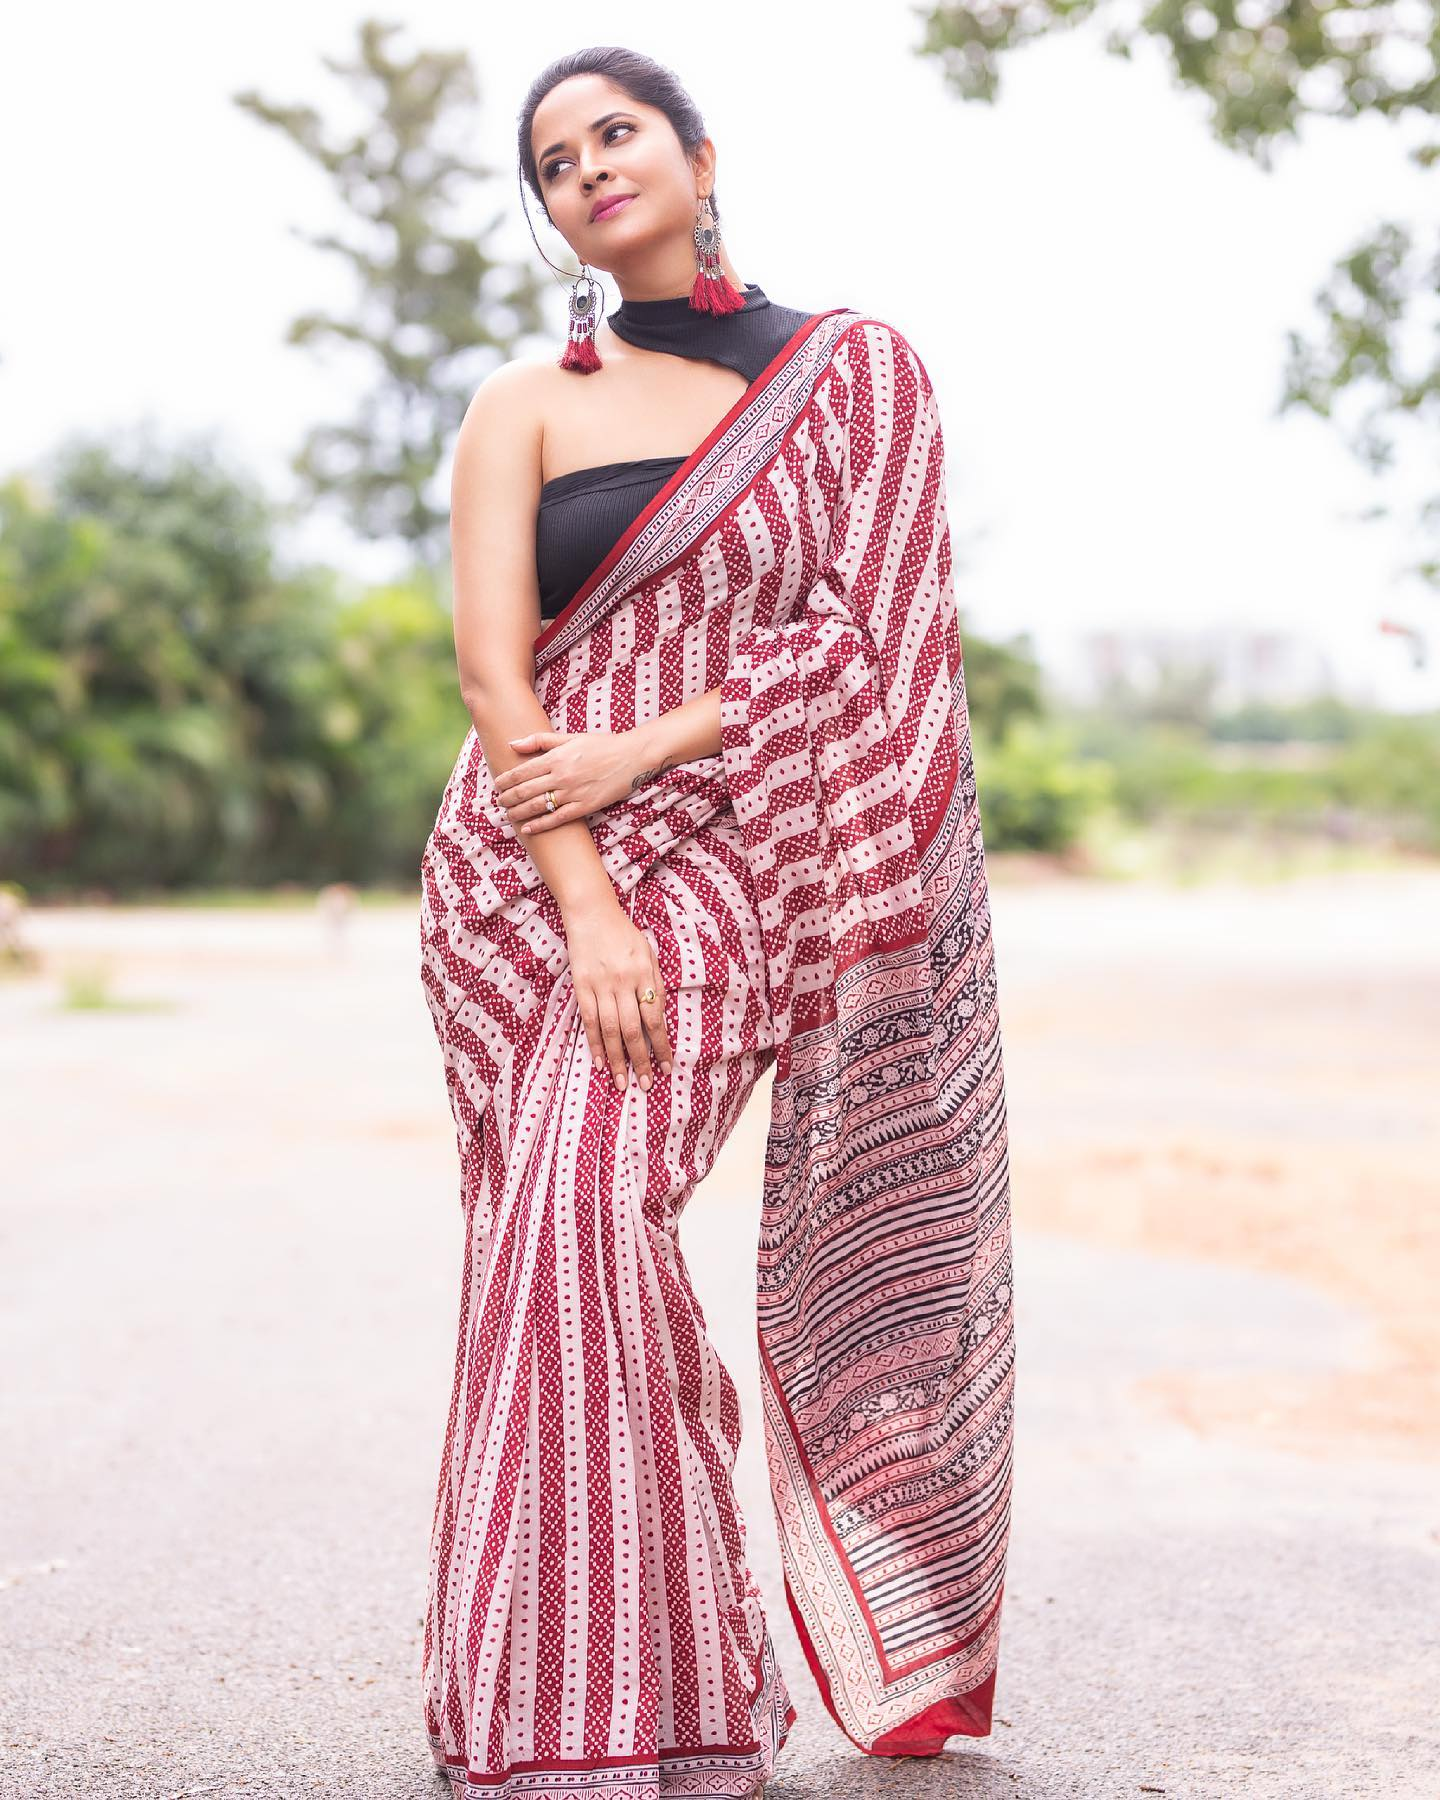 Beautiful actress Anasuya in designer saree and halter neck blouse.  2021-06-26